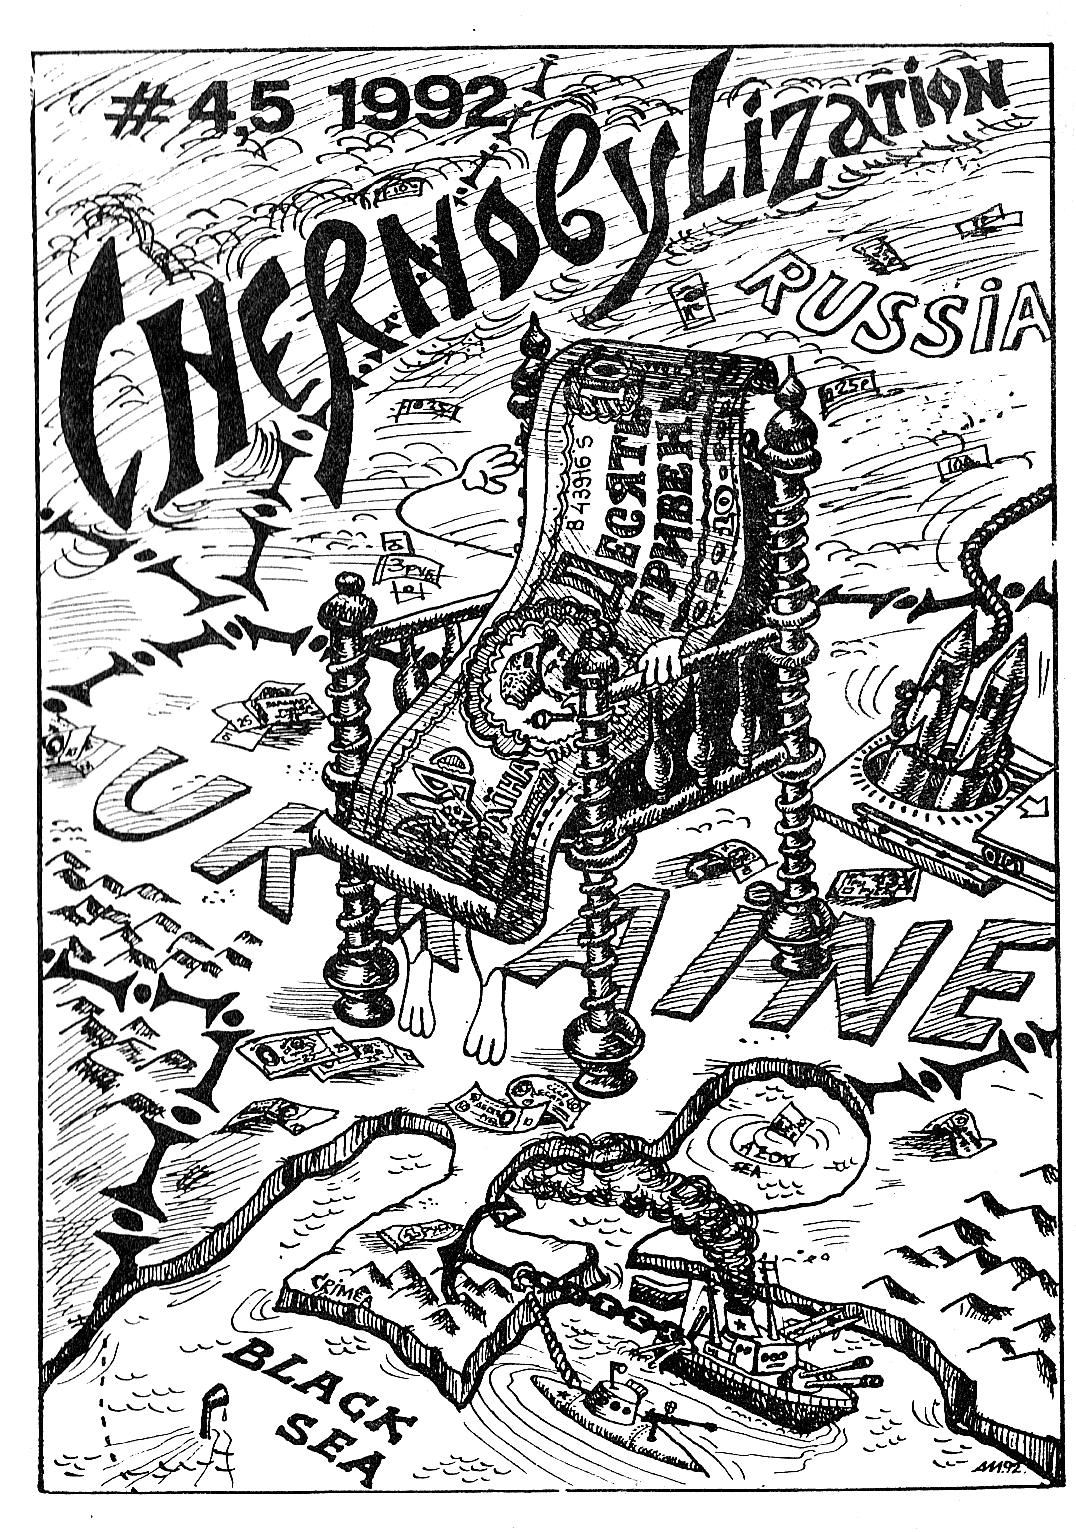 RG Cameron March 28 illo #1 'Chernobylization #4, 5'